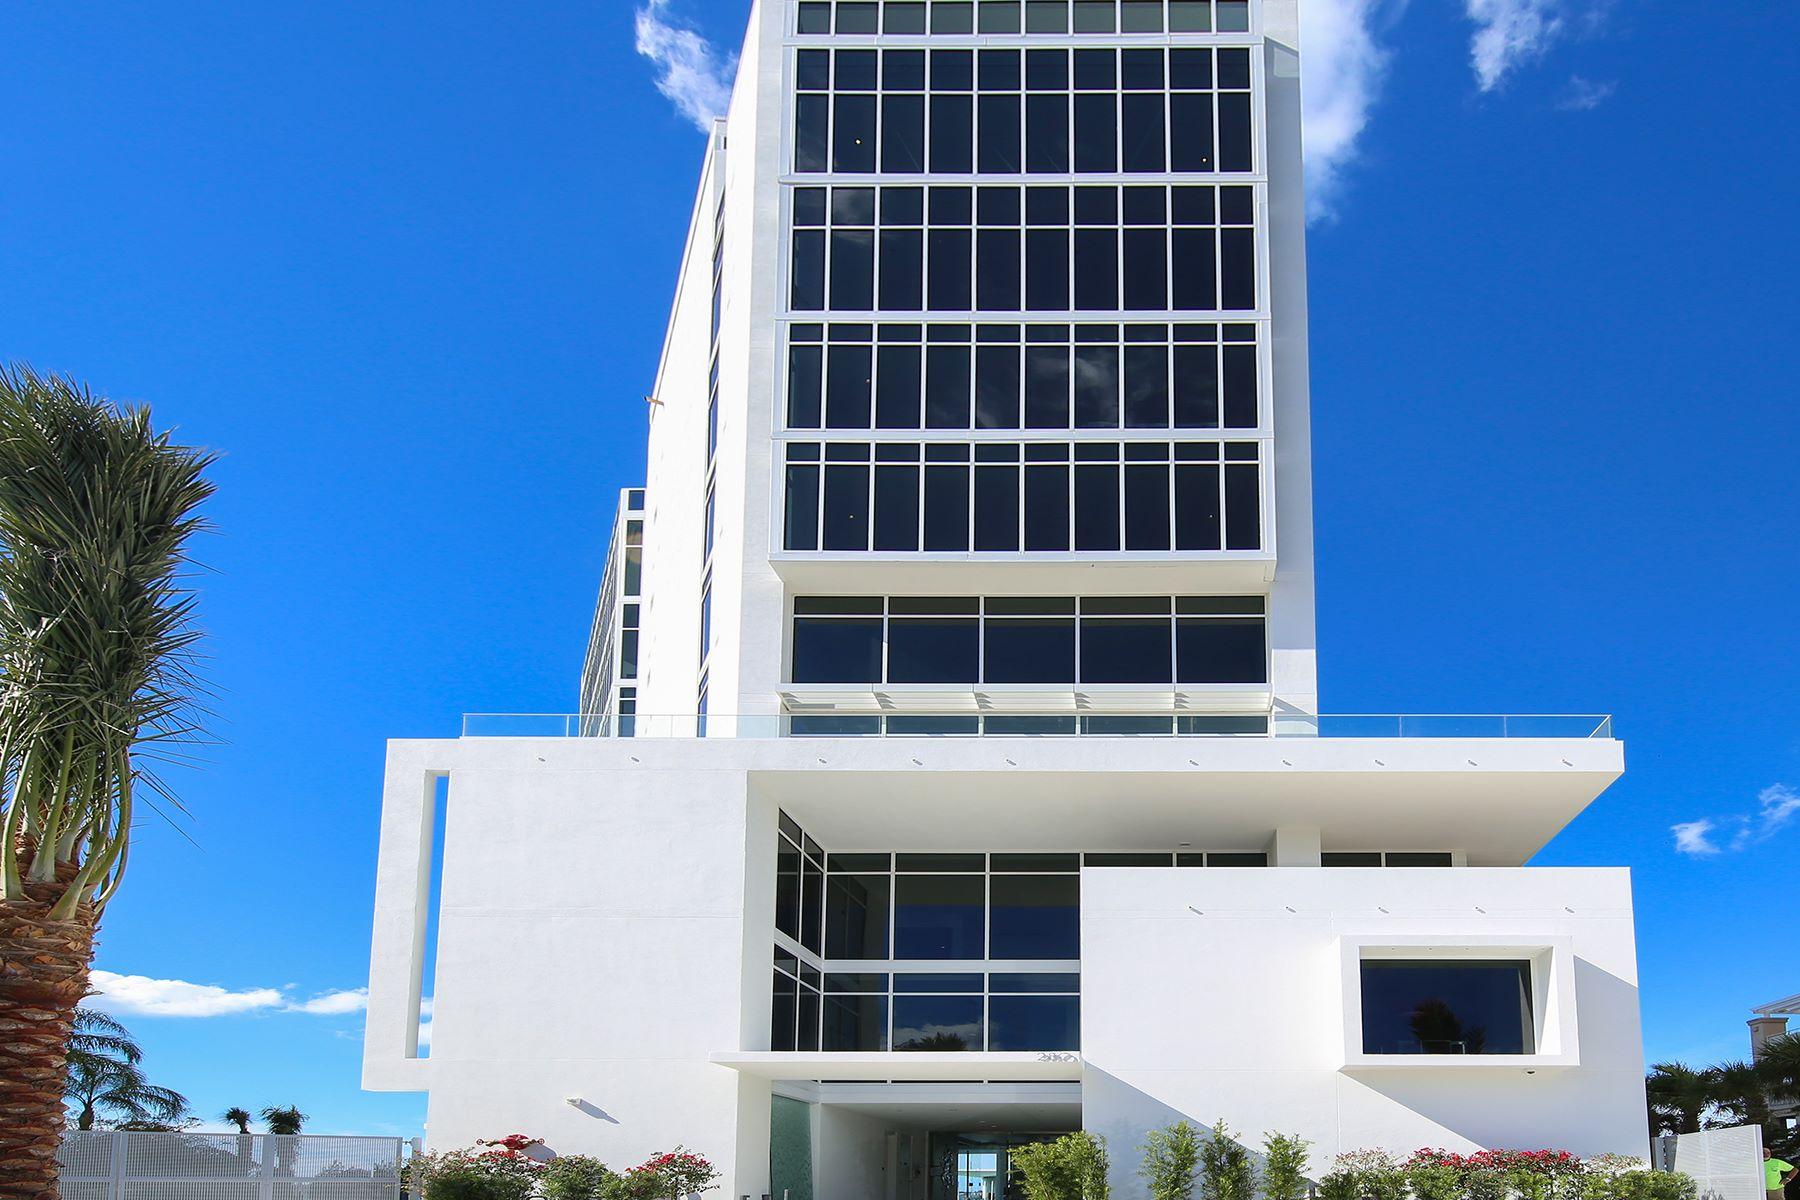 Eigentumswohnung für Verkauf beim AQUA 280 Golden Gate Pt Grand Resid Sarasota, Florida, 34236 Vereinigte Staaten